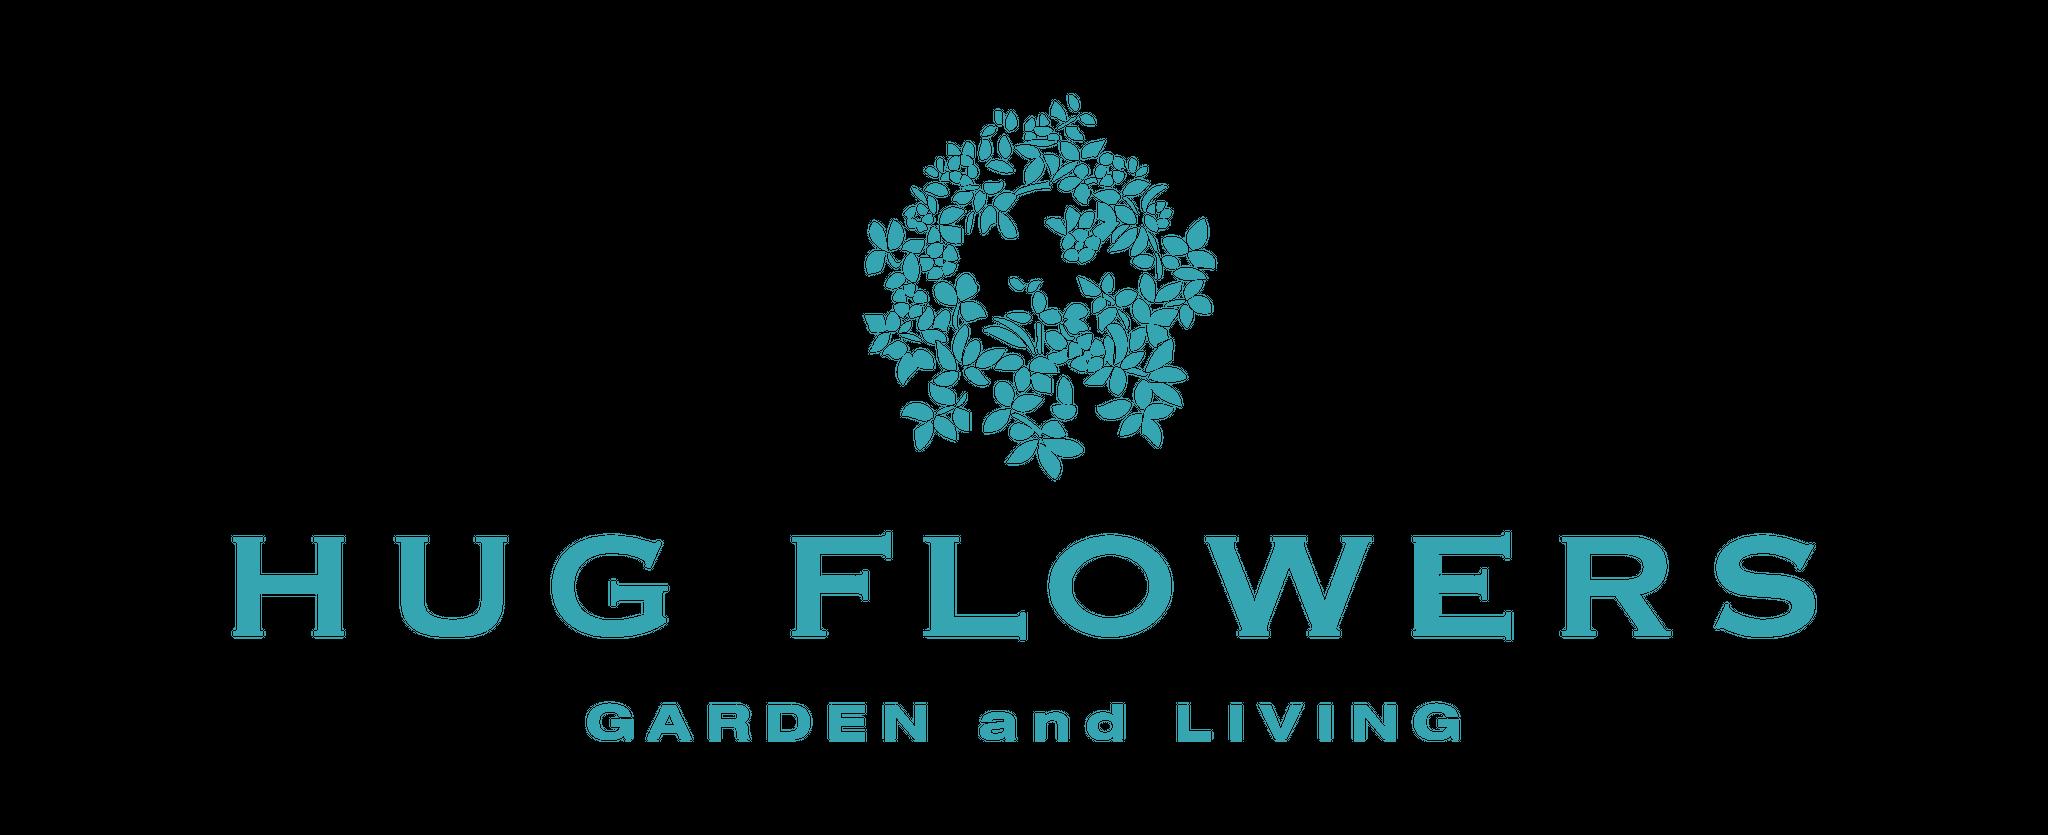 【花のプレゼント・ギフトフラワー】HUG FLOWERS-花束、アレンジメント、プリザーブドフラワーなどお花の通販